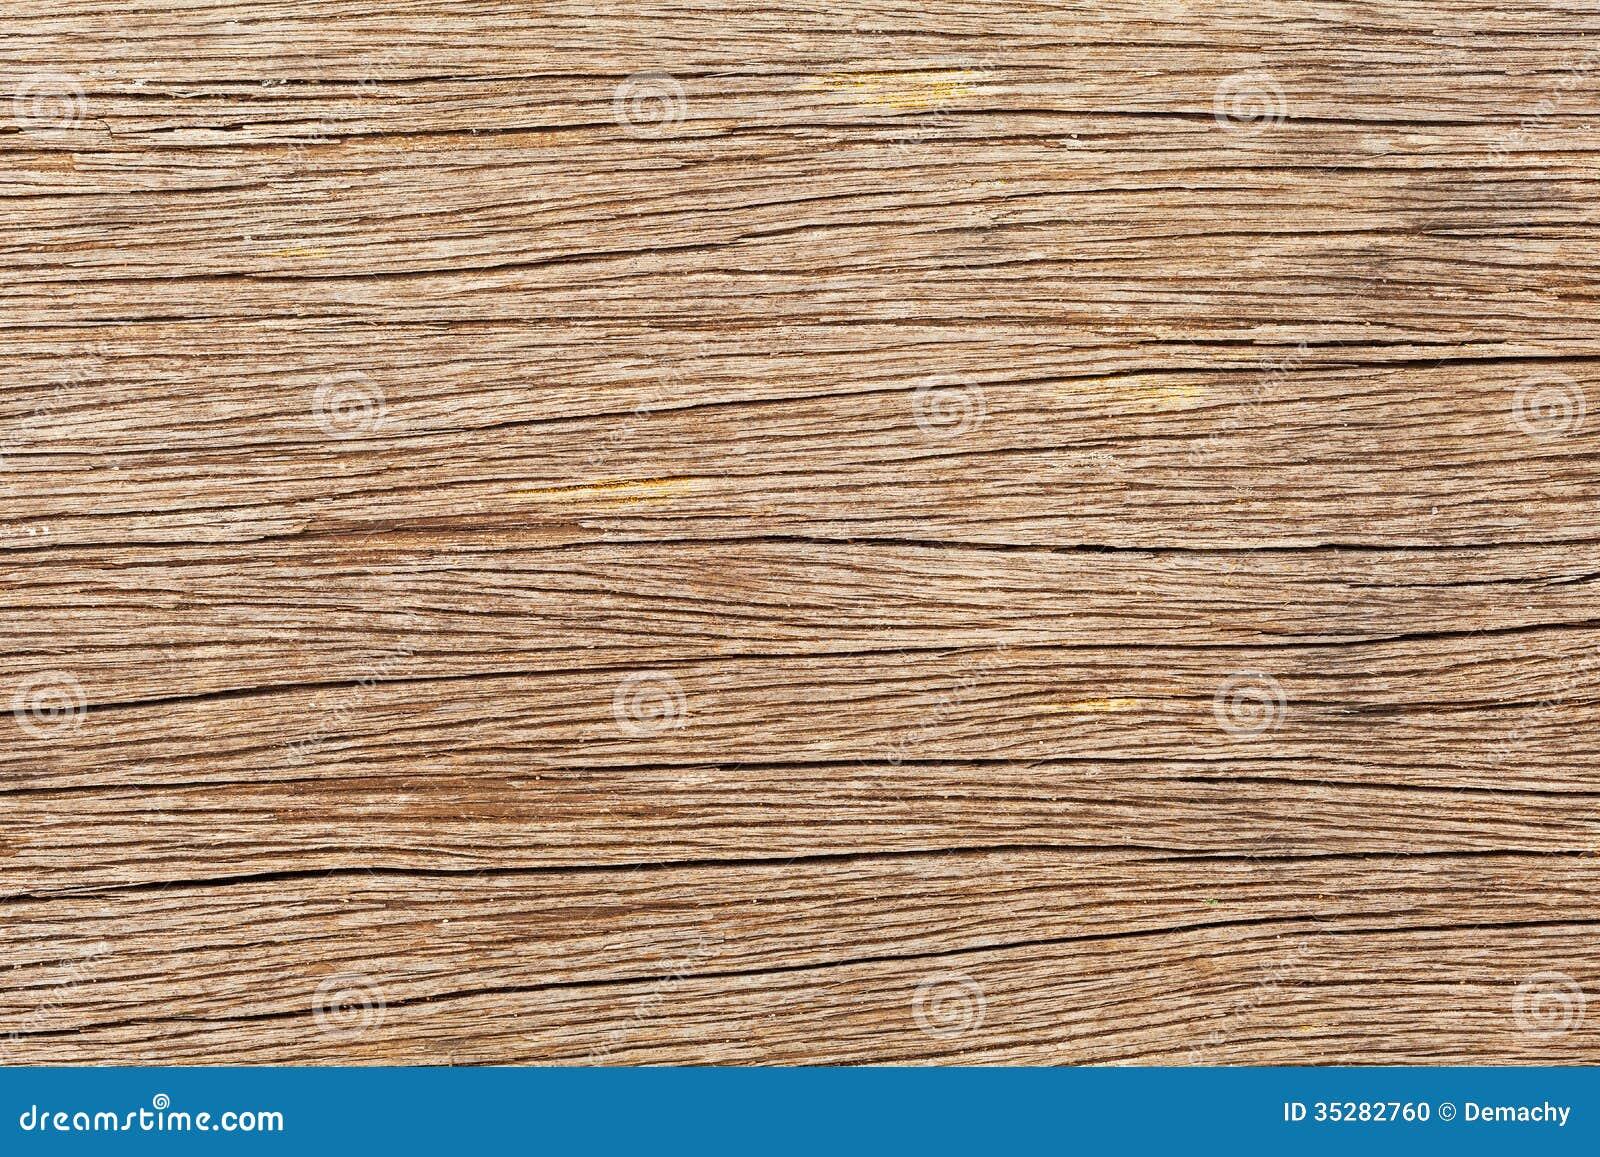 Vieille Planche En Bois De Ch Ne Photo Stock Image 35282760 # Bois De Chene